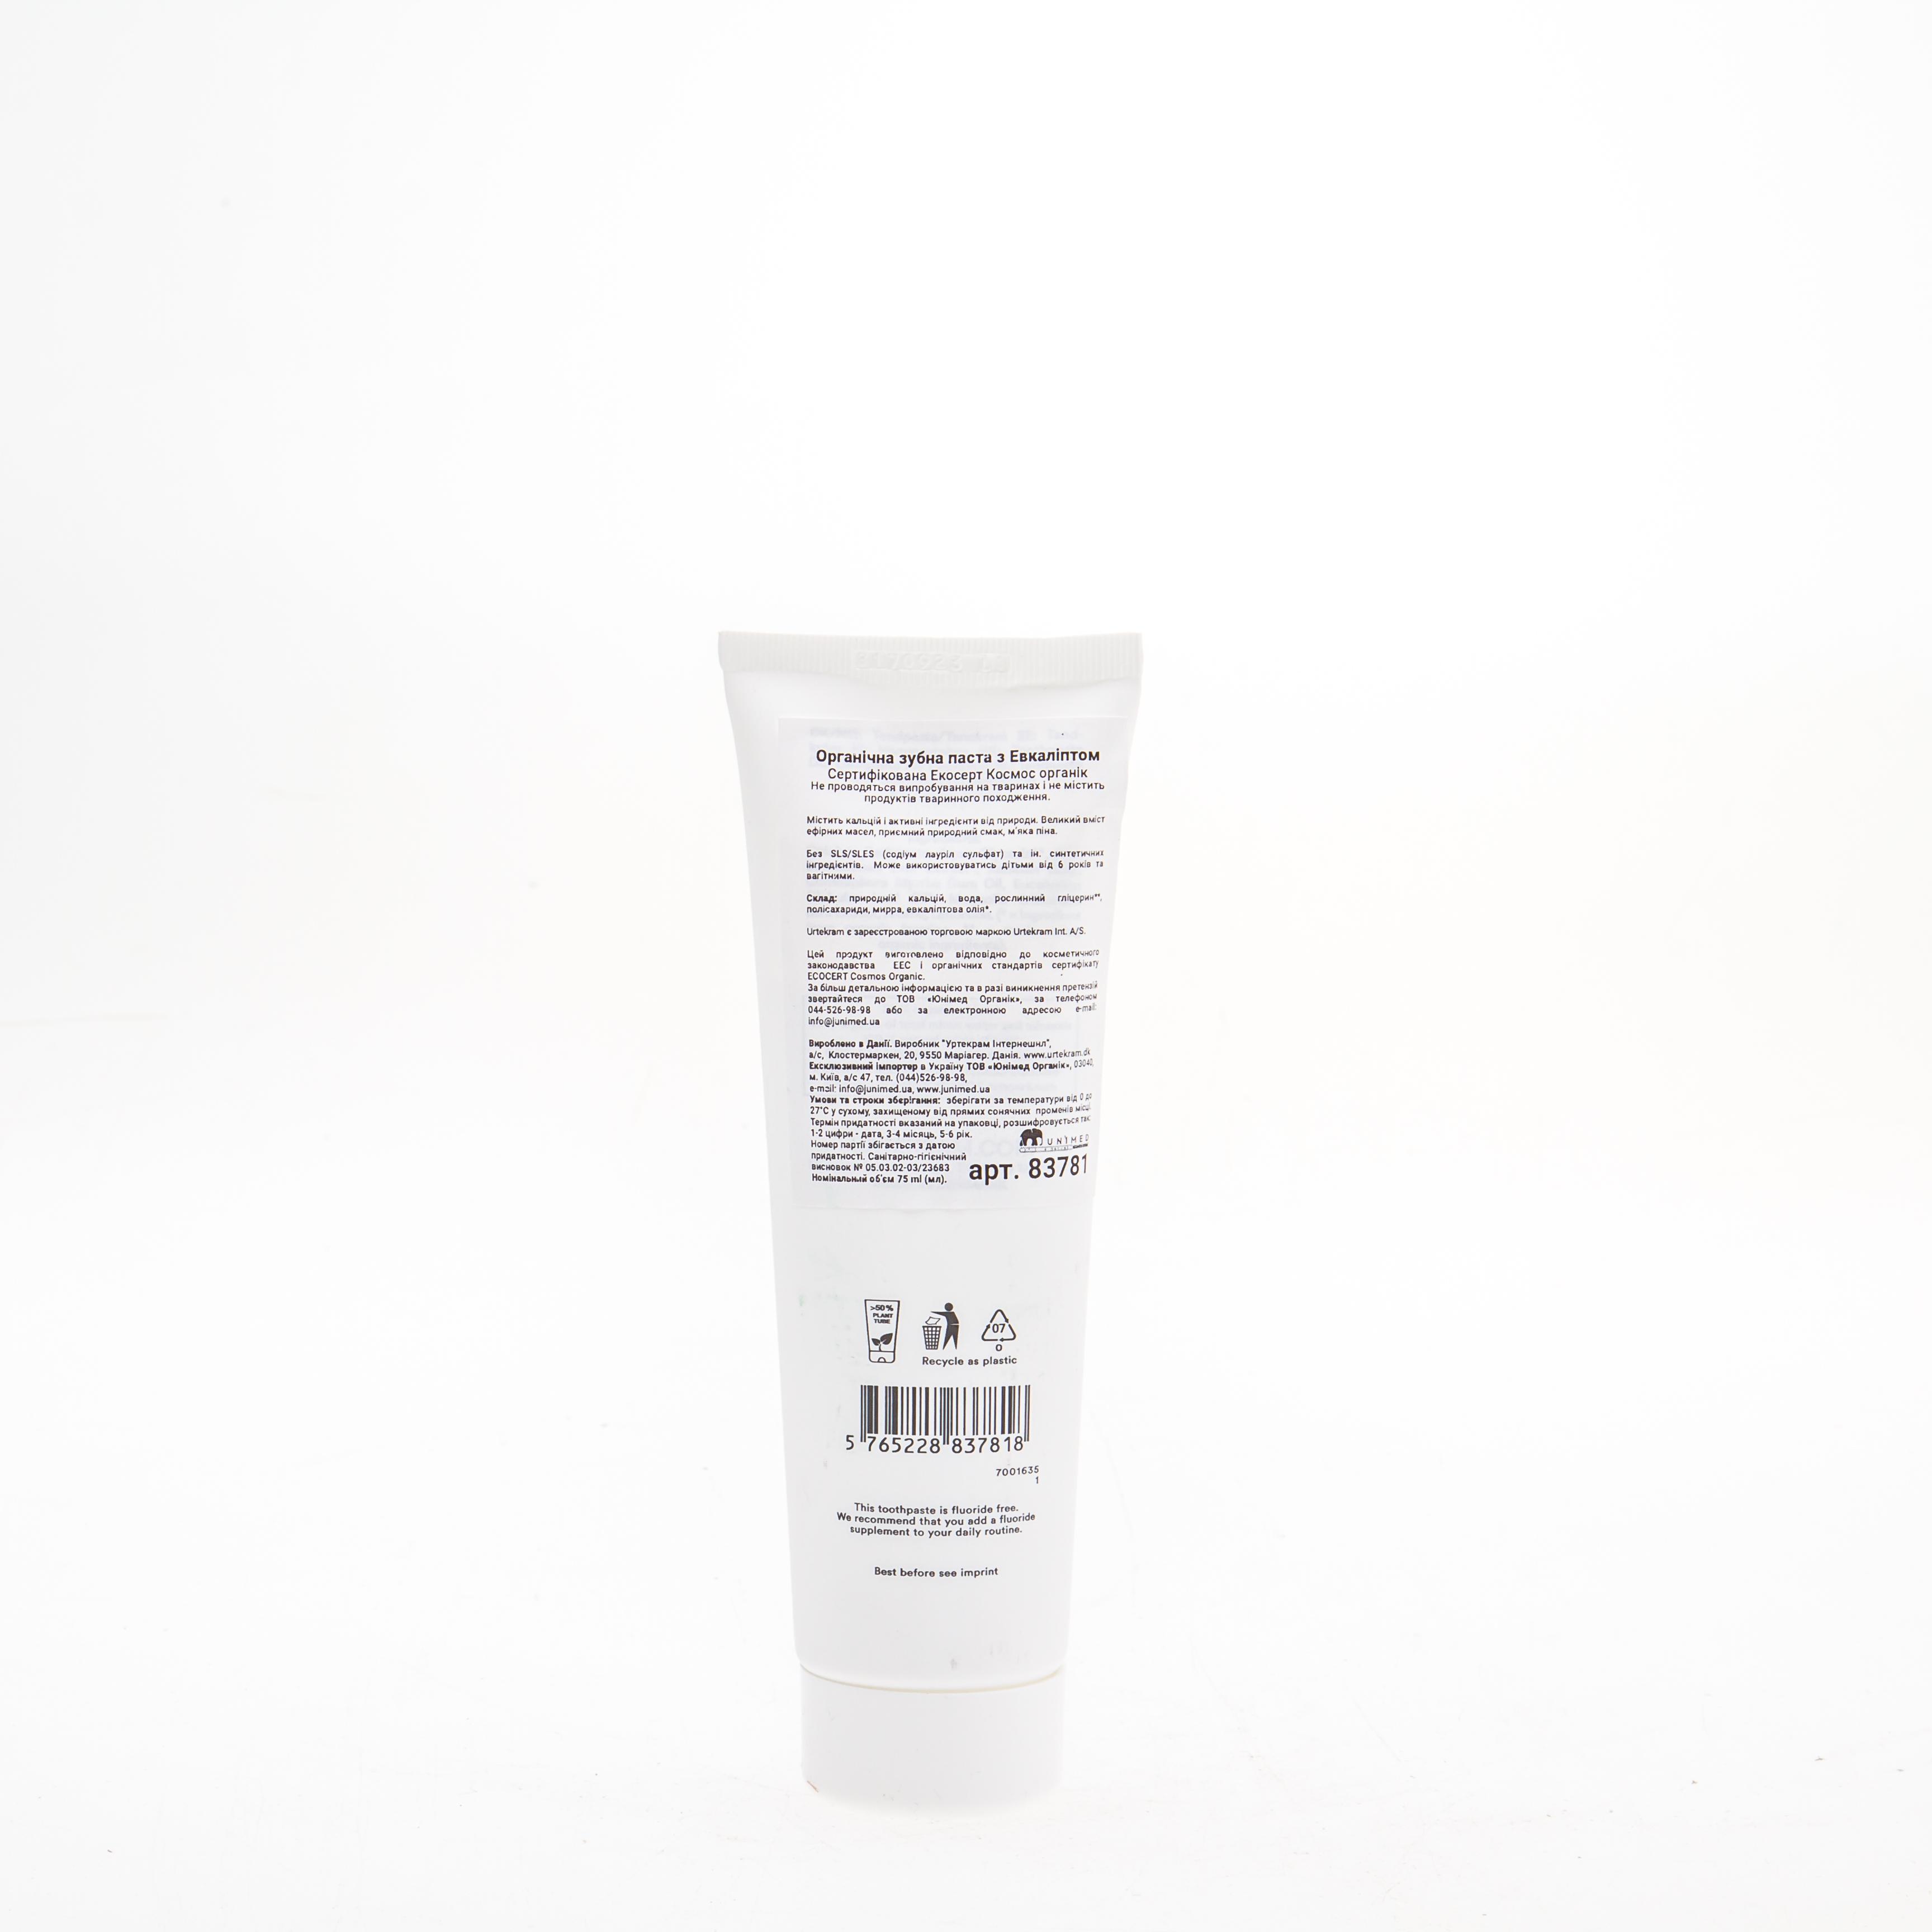 Urtekram Органічна зубна паста з Евкаліптом, 75мл - купити в інтернет-магазині Юнимед